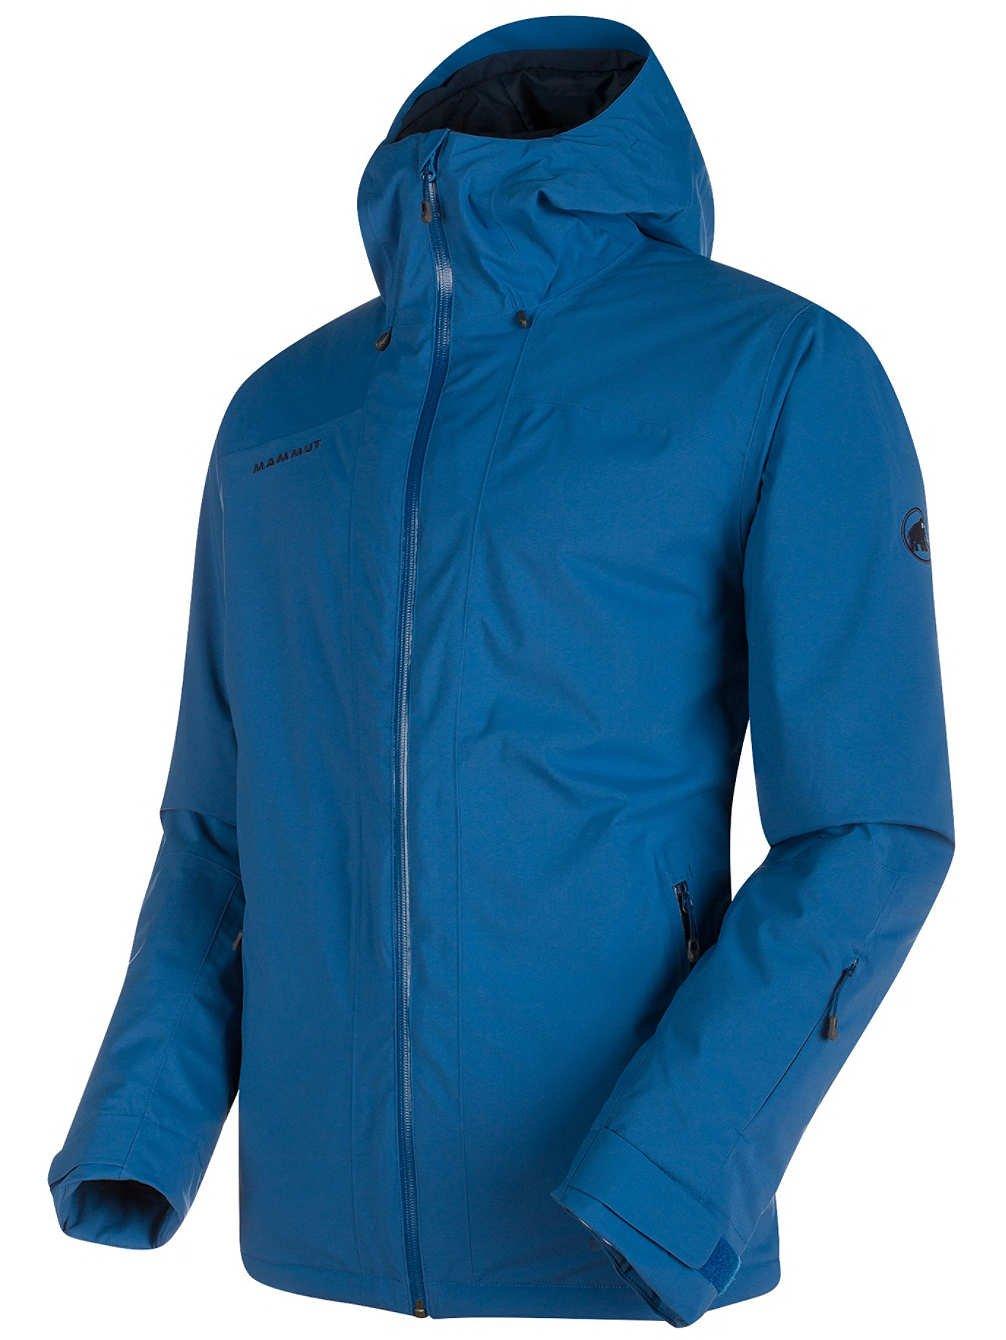 Mammut Andalo HS Thermo Hooded Jacket B072MQHNBG Small|ultramarine ultramarine Small